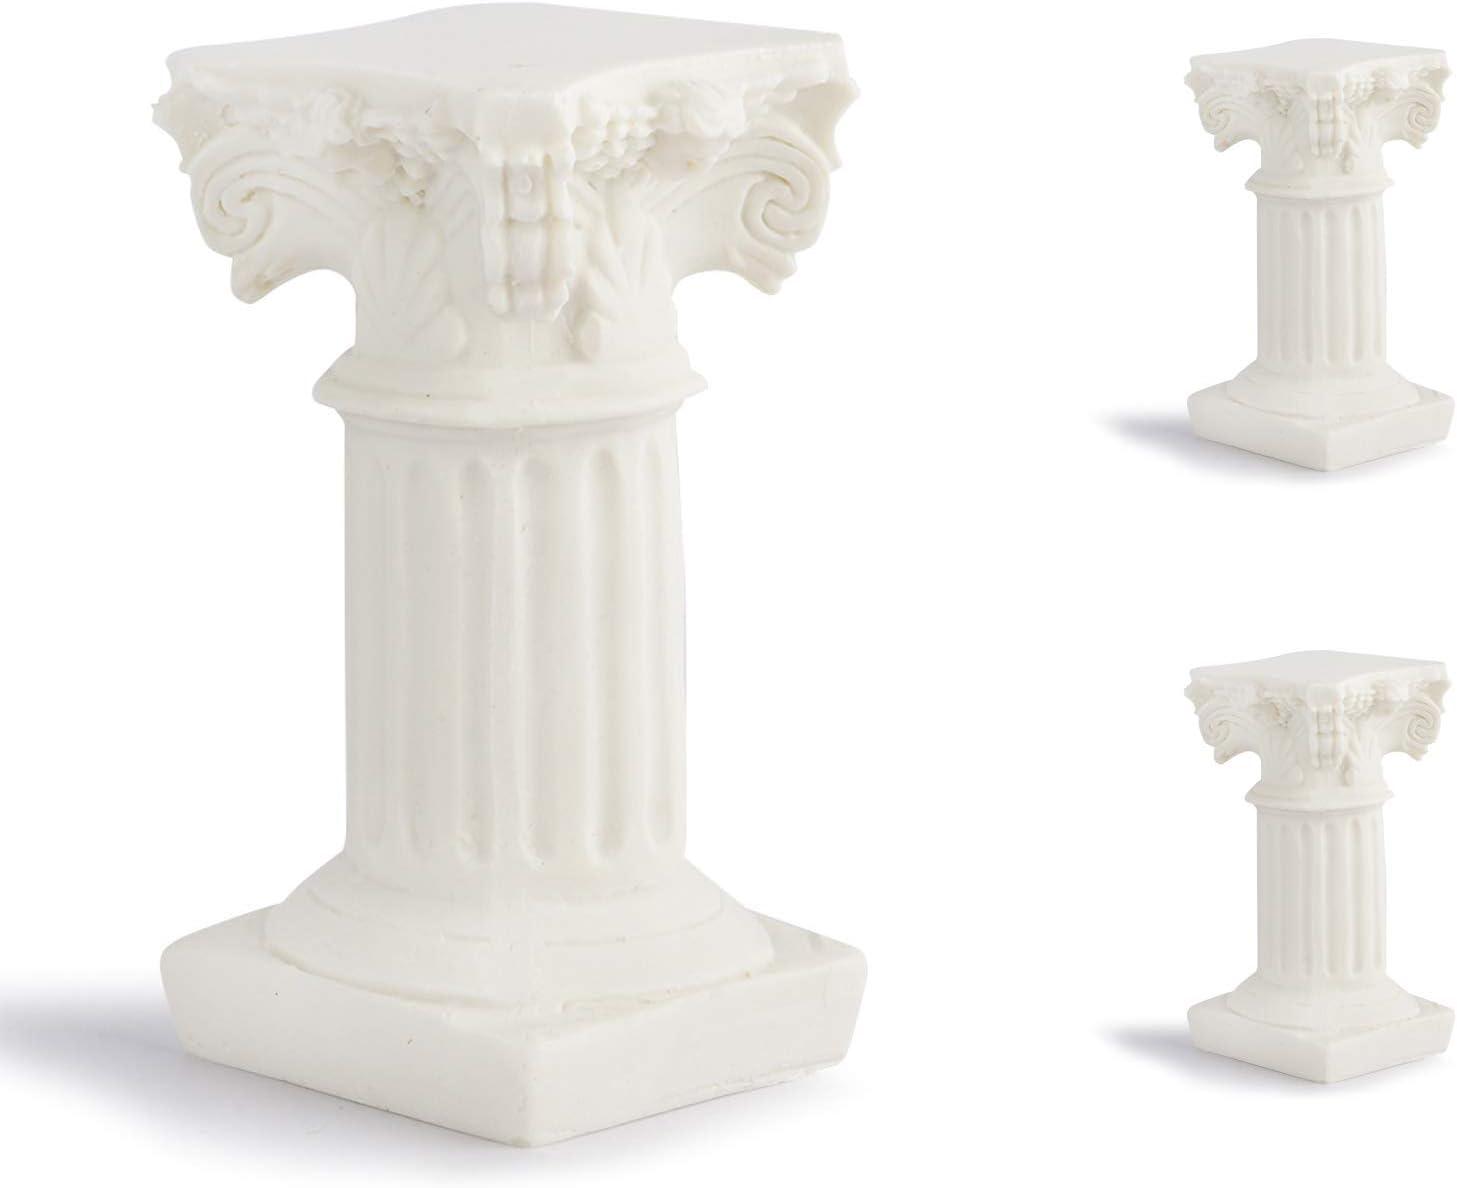 N\O Pilar Romano,3 Piezas Resina Decoración Escultura Adornos Utilizado para el Banquete de Boda de la Iglesia casa Escuela Villa Modelo Hotel Club Boda escaparate 3.6X3.6X6.7cm